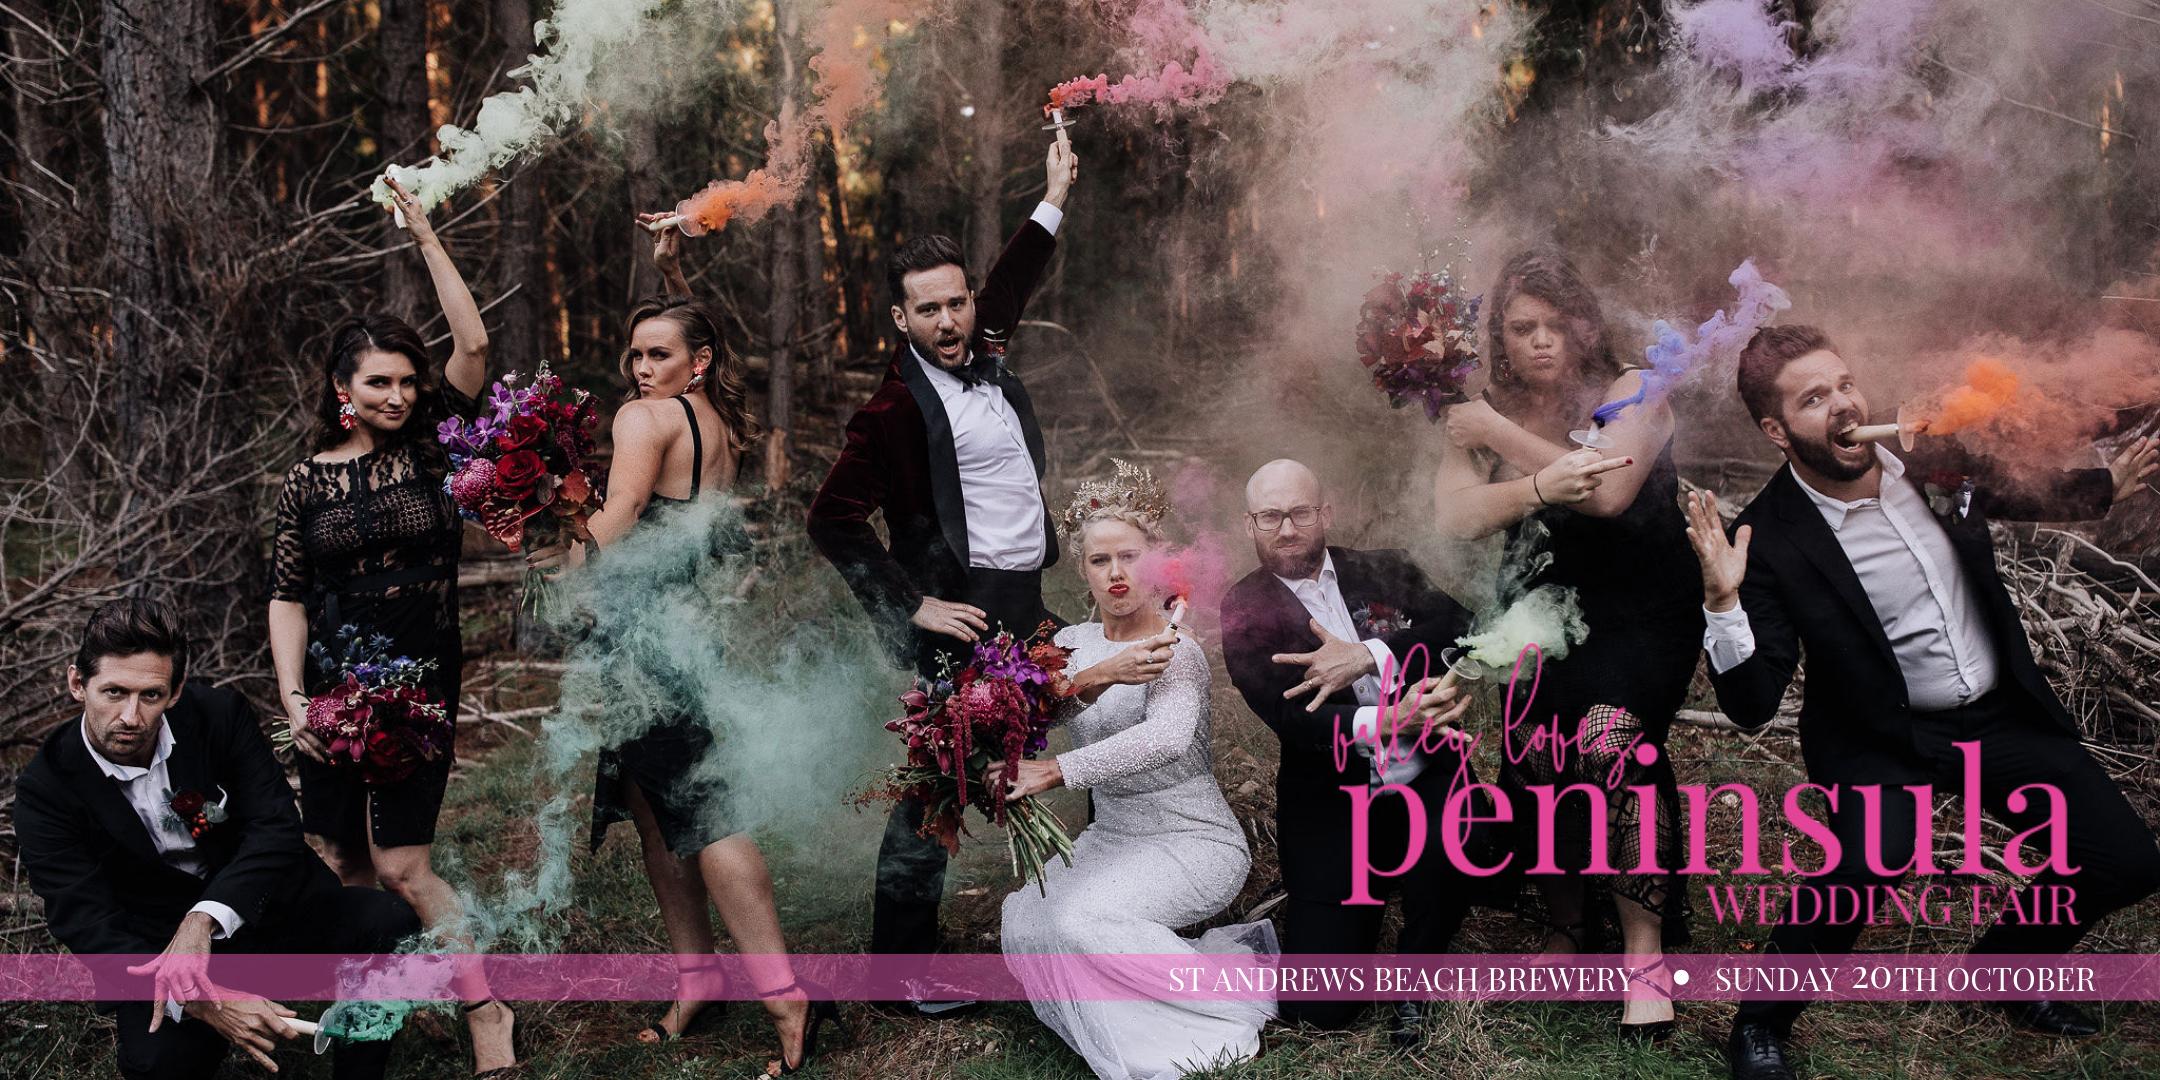 Aria-photography-valley-loves-peninsula-wedding-fair